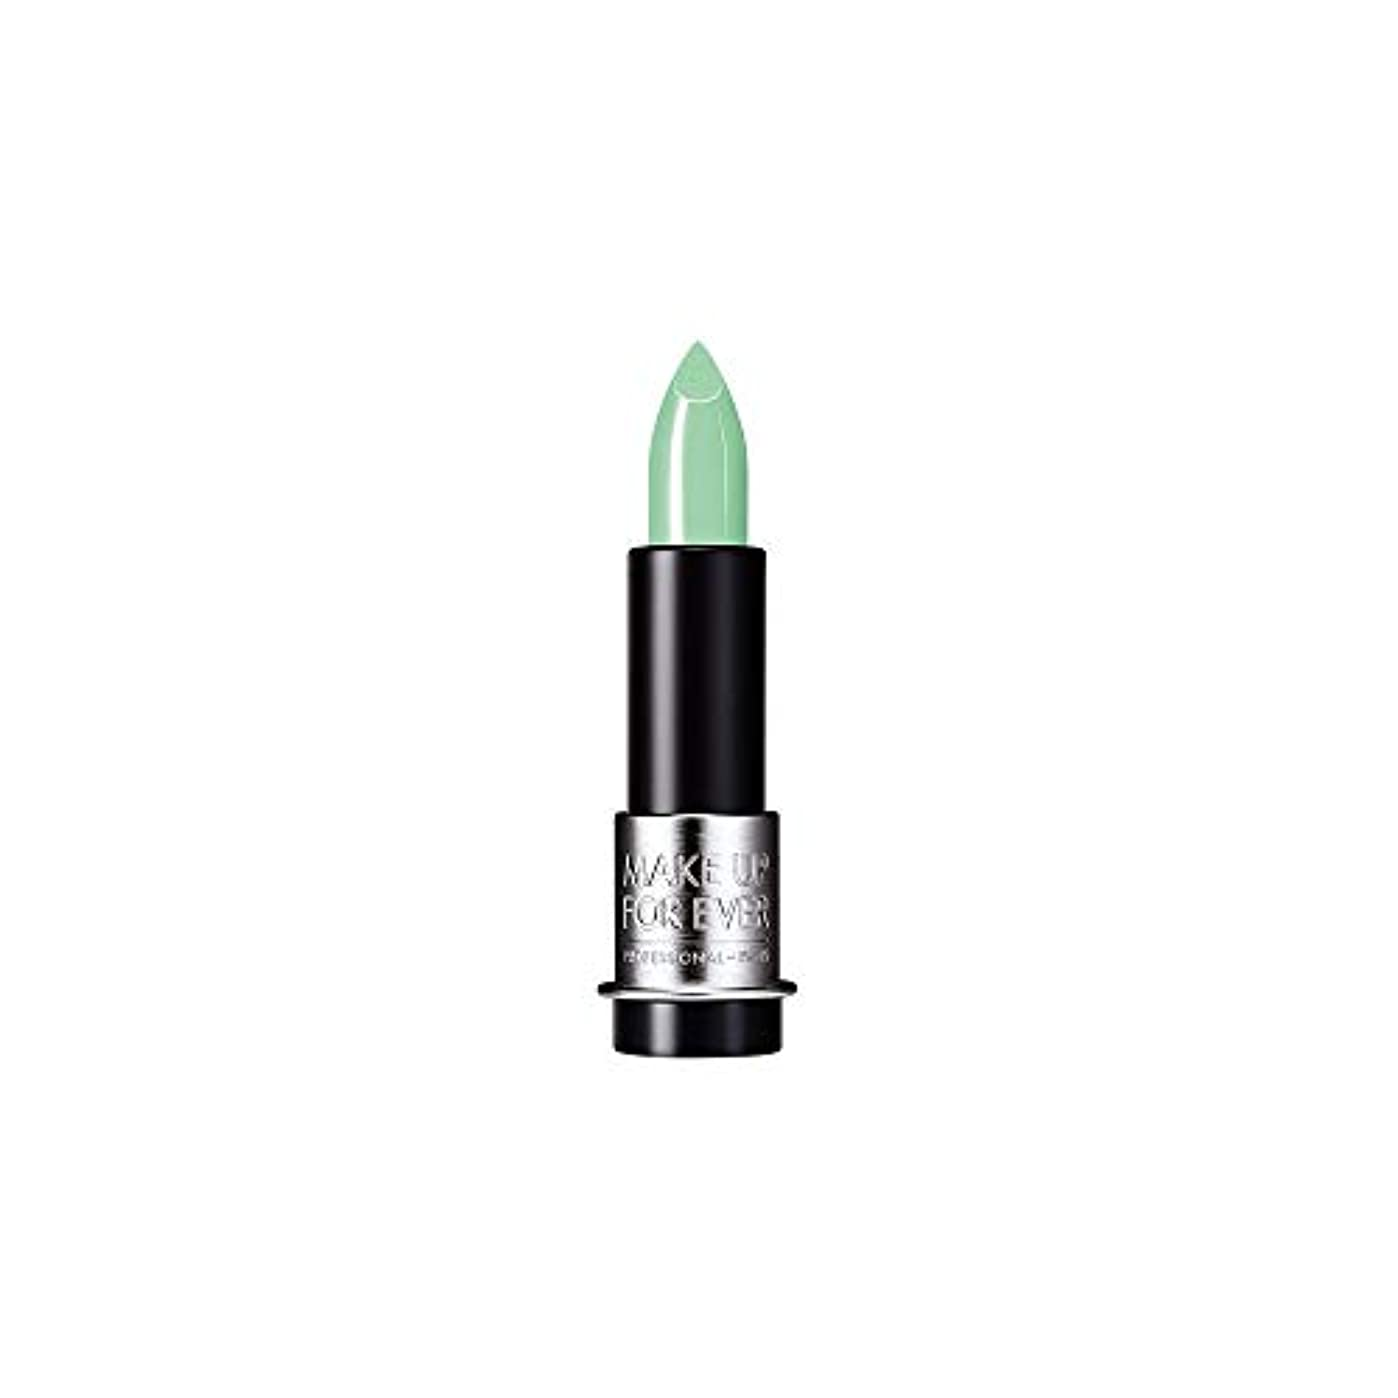 バーガー科学的意味のある[MAKE UP FOR EVER] これまでアーティストルージュクリーム口紅3.5グラムのC601を補う - ピーコックグリーン - MAKE UP FOR EVER Artist Rouge Creme Lipstick...